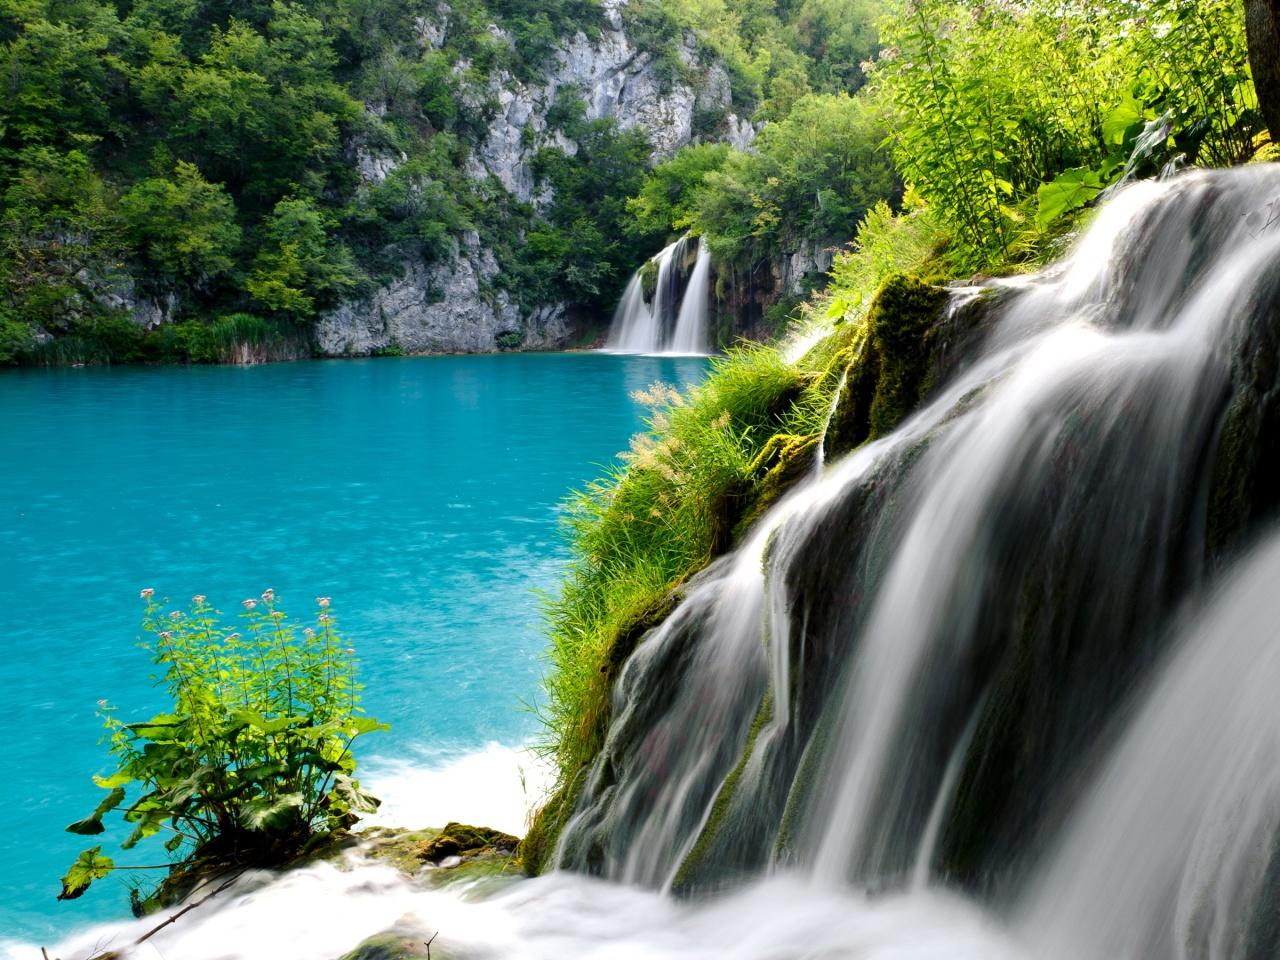 Lacurile Plitvice, un ansamblu format din 16 lacuri uimitoare